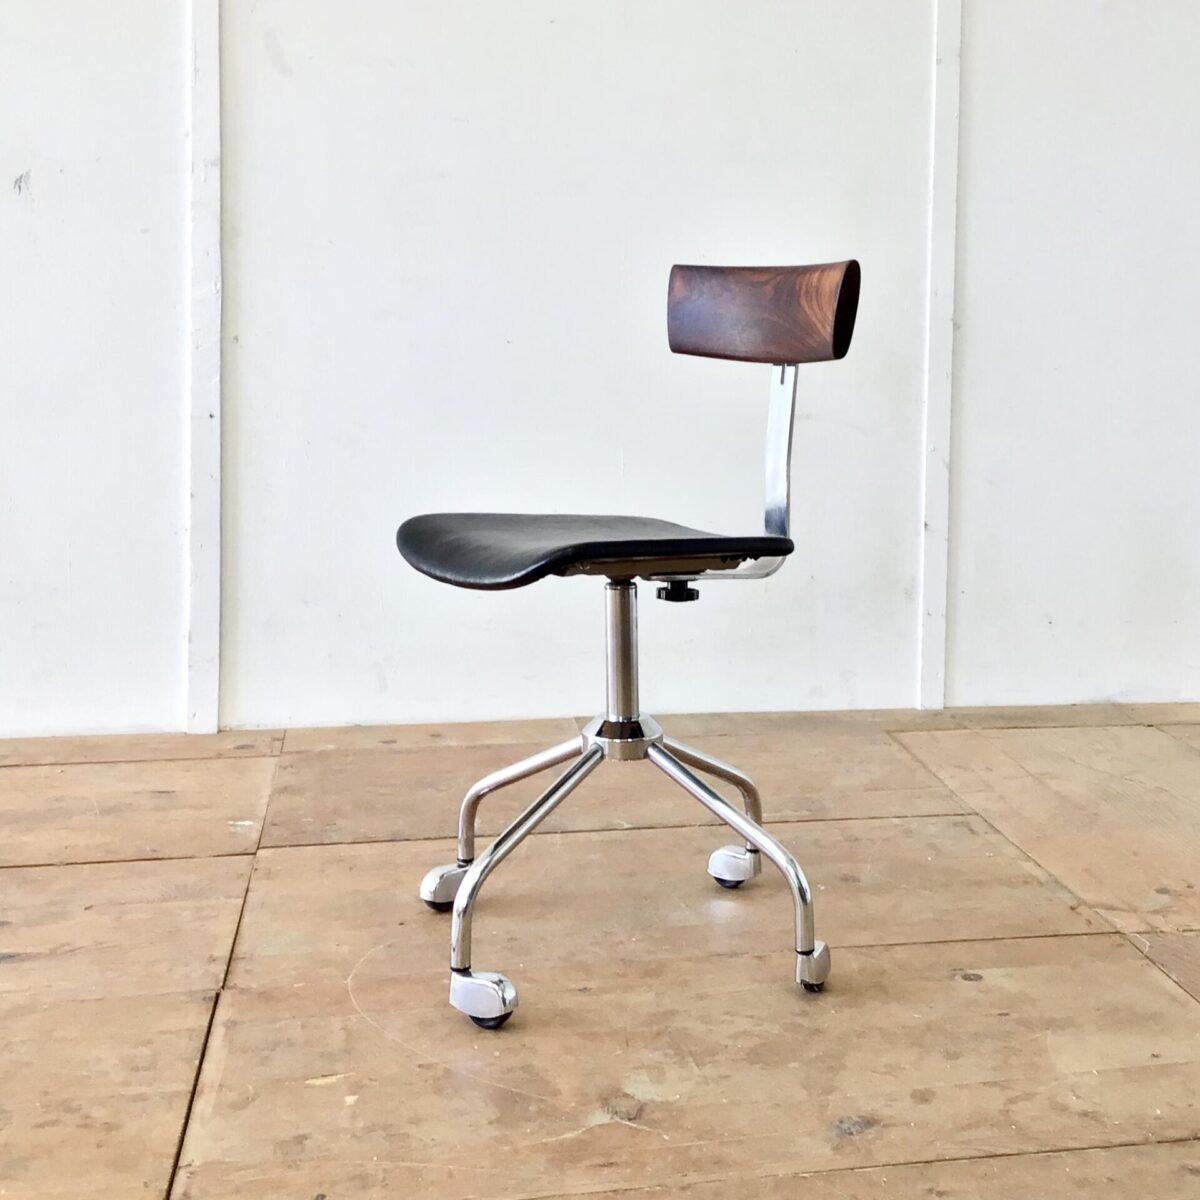 deuxieme.shop Dieser alte, feingliedrige Bürostuhl kam nur als Untergestell zu uns. Er bekam eine neue Sitzfläche aus schwarzem Leder. Die Rückenlehne ist aus Palisander Vollholz geschnitzt. Das Ziel war die Runden Formen der Füsse, oben nochmal aufzugreifen. Und Trotzdem einen eckigen, markanten Kontrast zu schaffen. Der Stuhl ist höhenverstellbar von 48-60cm.